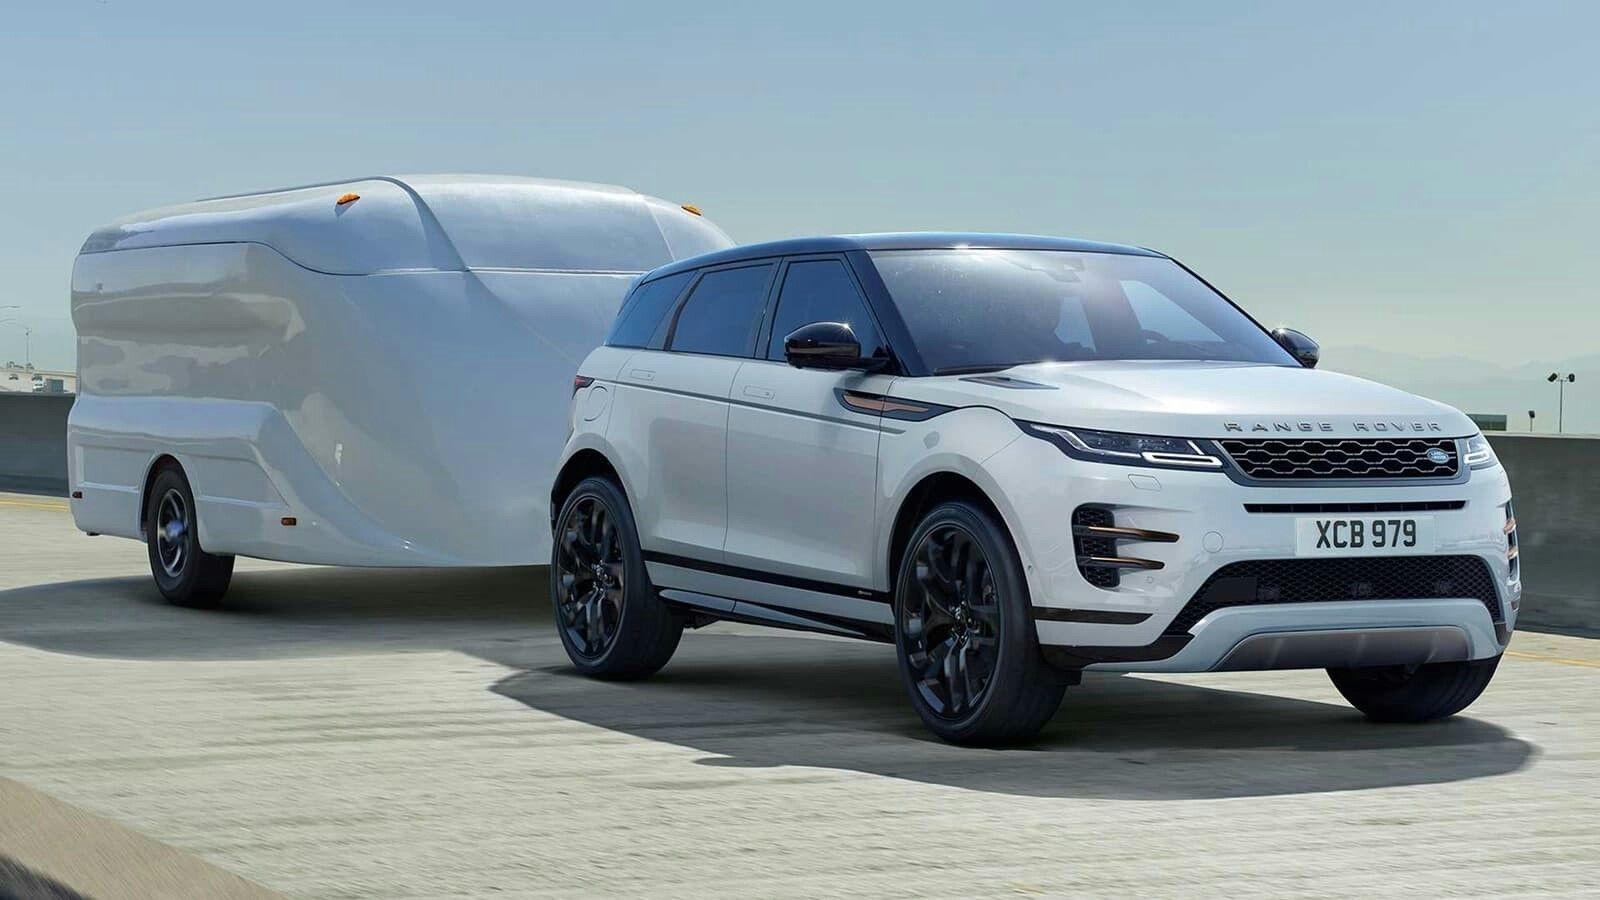 Range rover evoque 2019 white Range rover evoque, Range